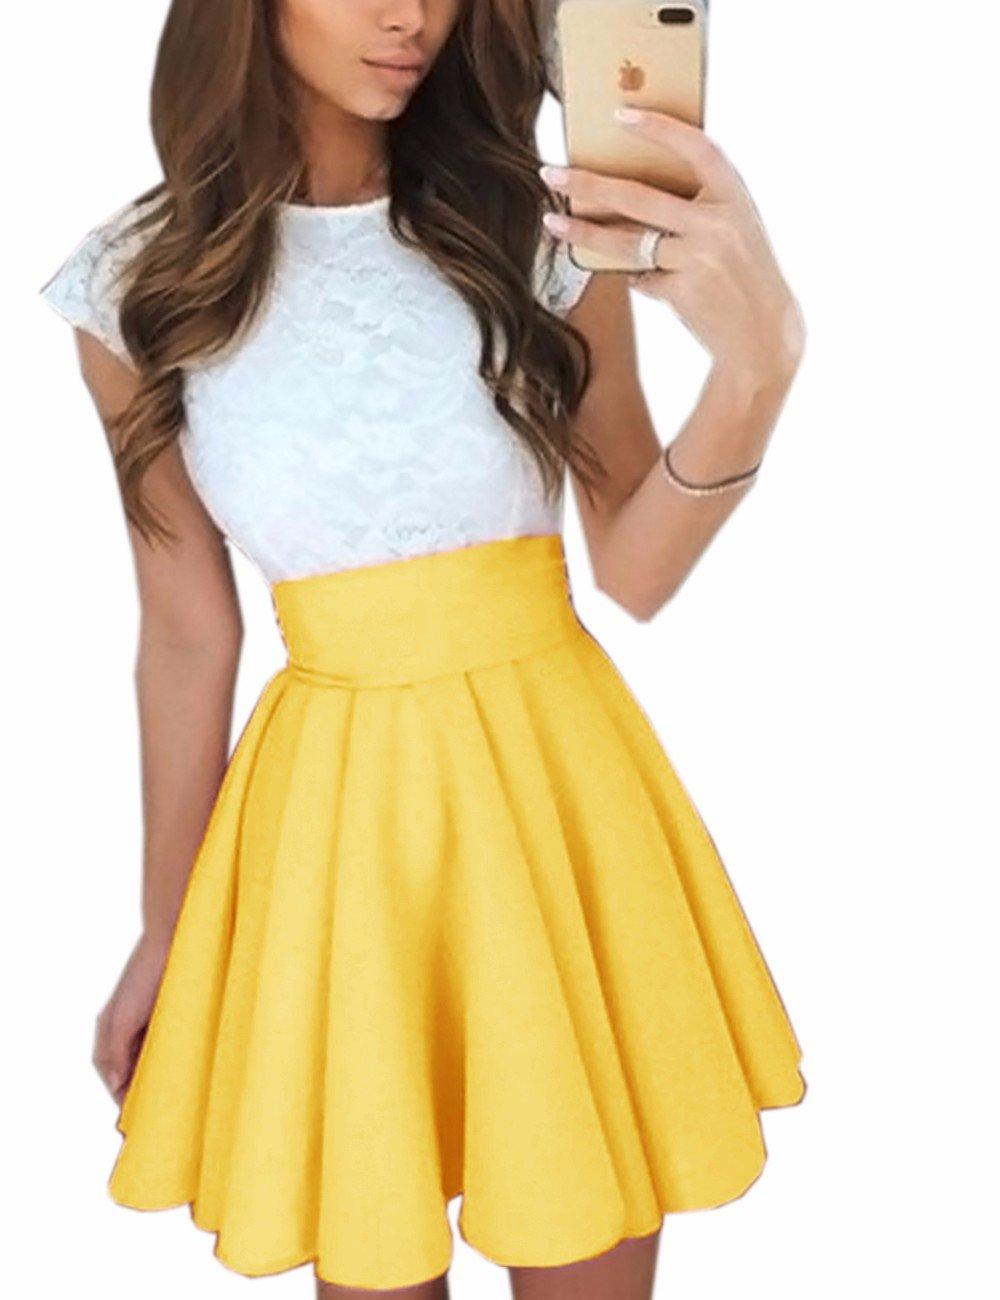 Imagine Women's Basic Solid Versatile Stretchy Flared Casual Mini Skater Skirt YE-S